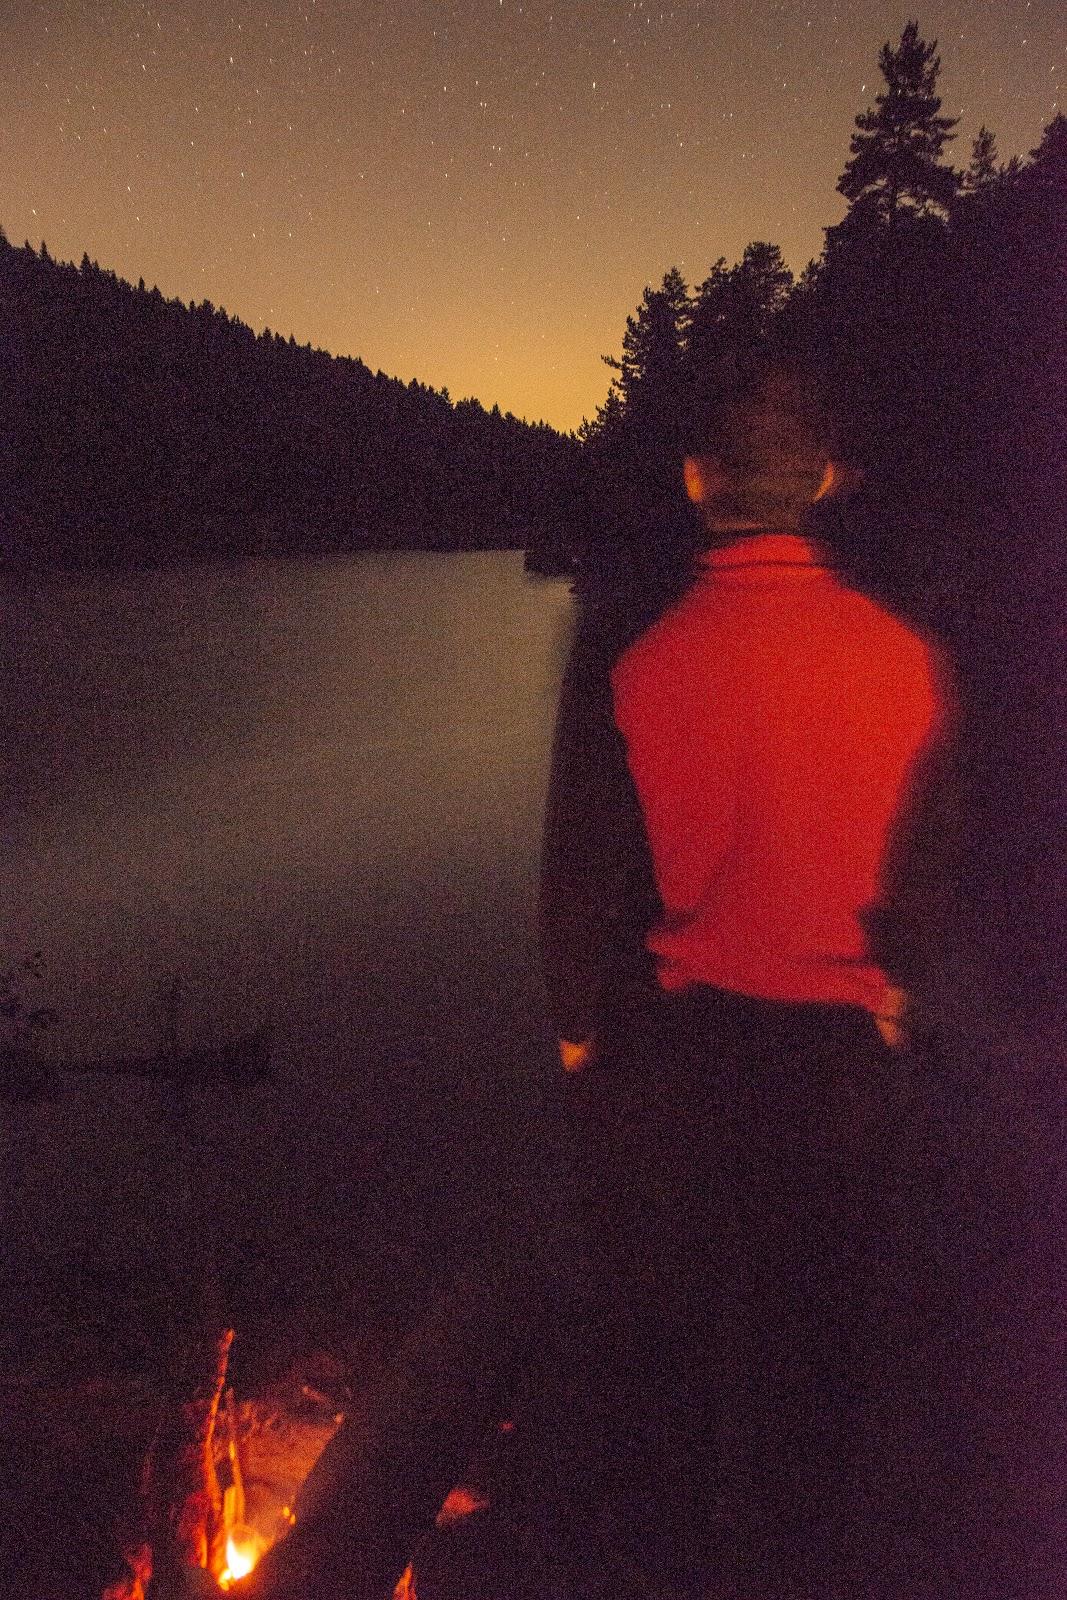 bozcaarmut göleti, gece, yıldızlar